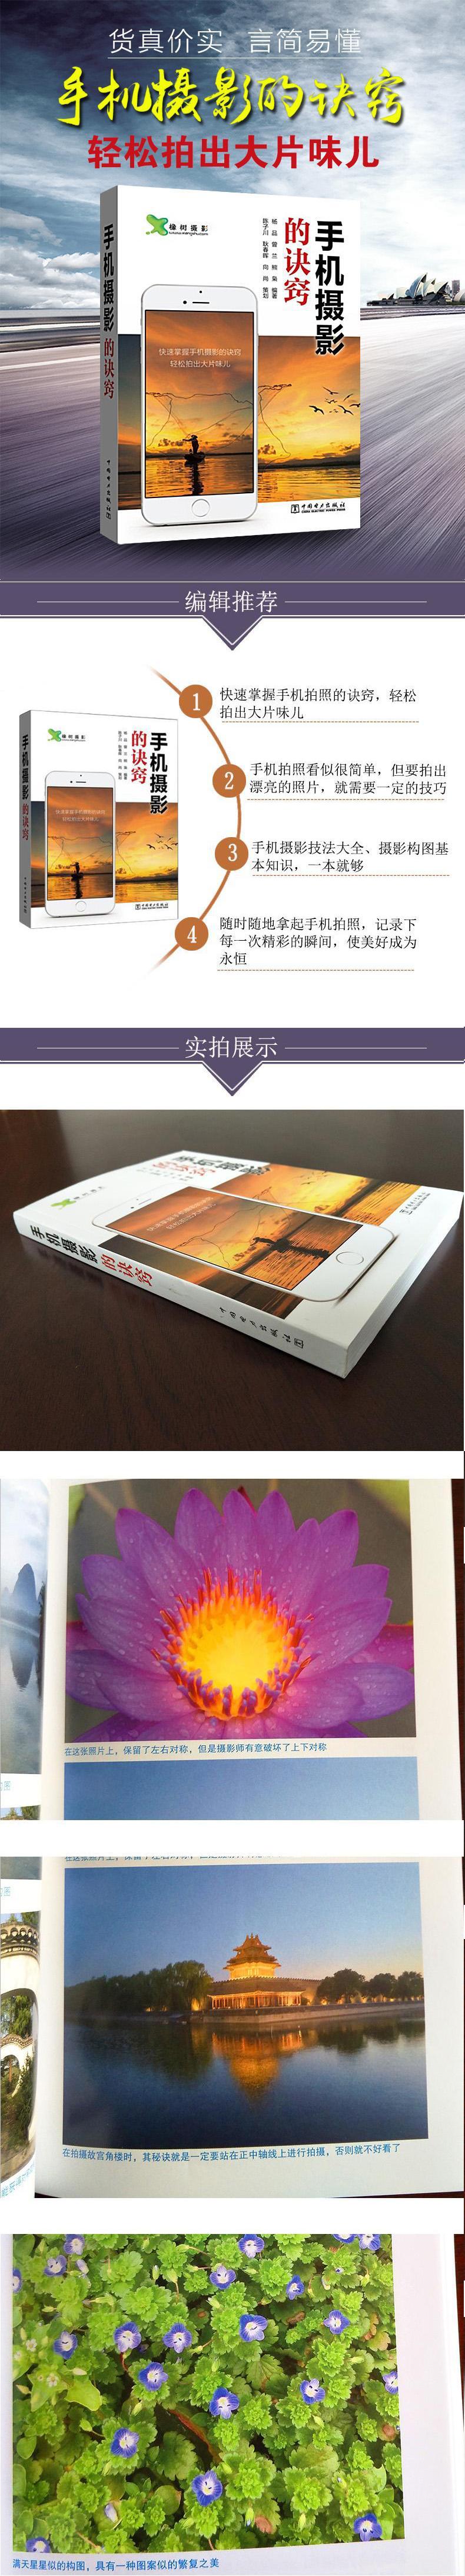 橡树最新图书《手机摄影的诀窍》隆重上市